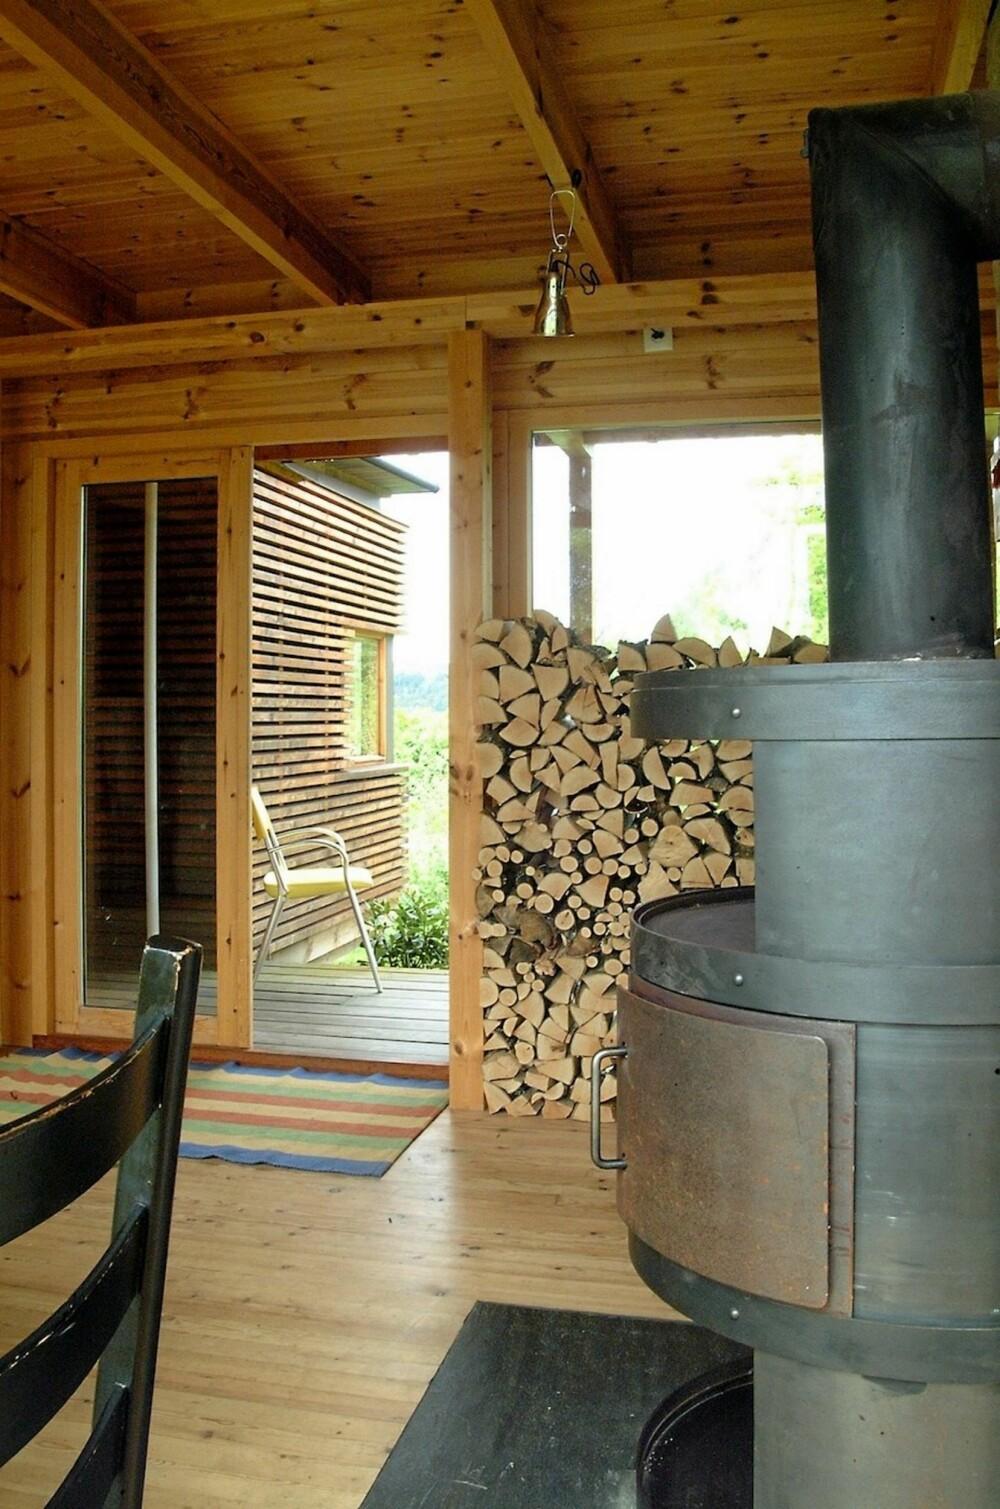 ET UTMERKET INTERIØR SAMSPILL: Peisovnen, vedstabelen og den lette trekonstruksjonen i hytta passer sammen.